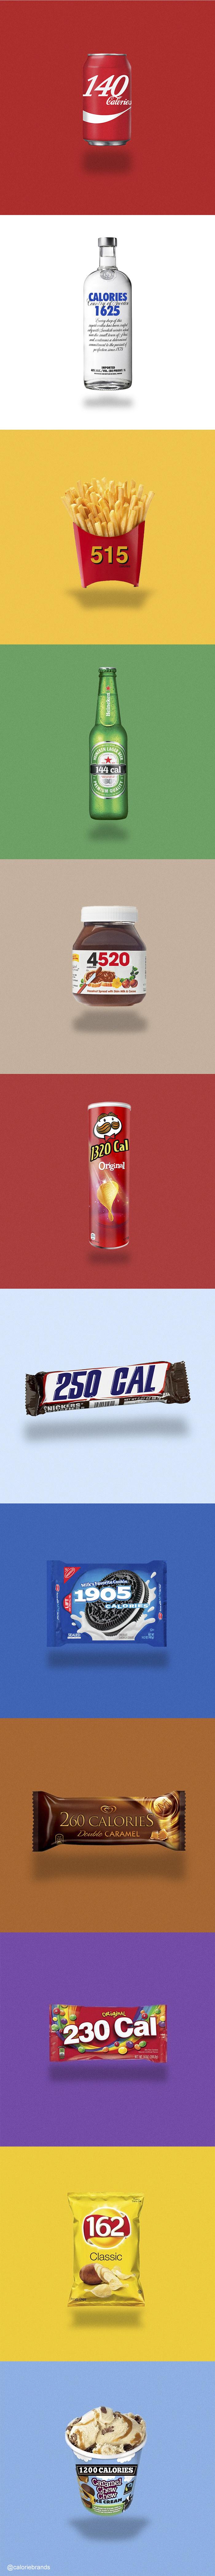 Produit qui affiche le nombre de calories